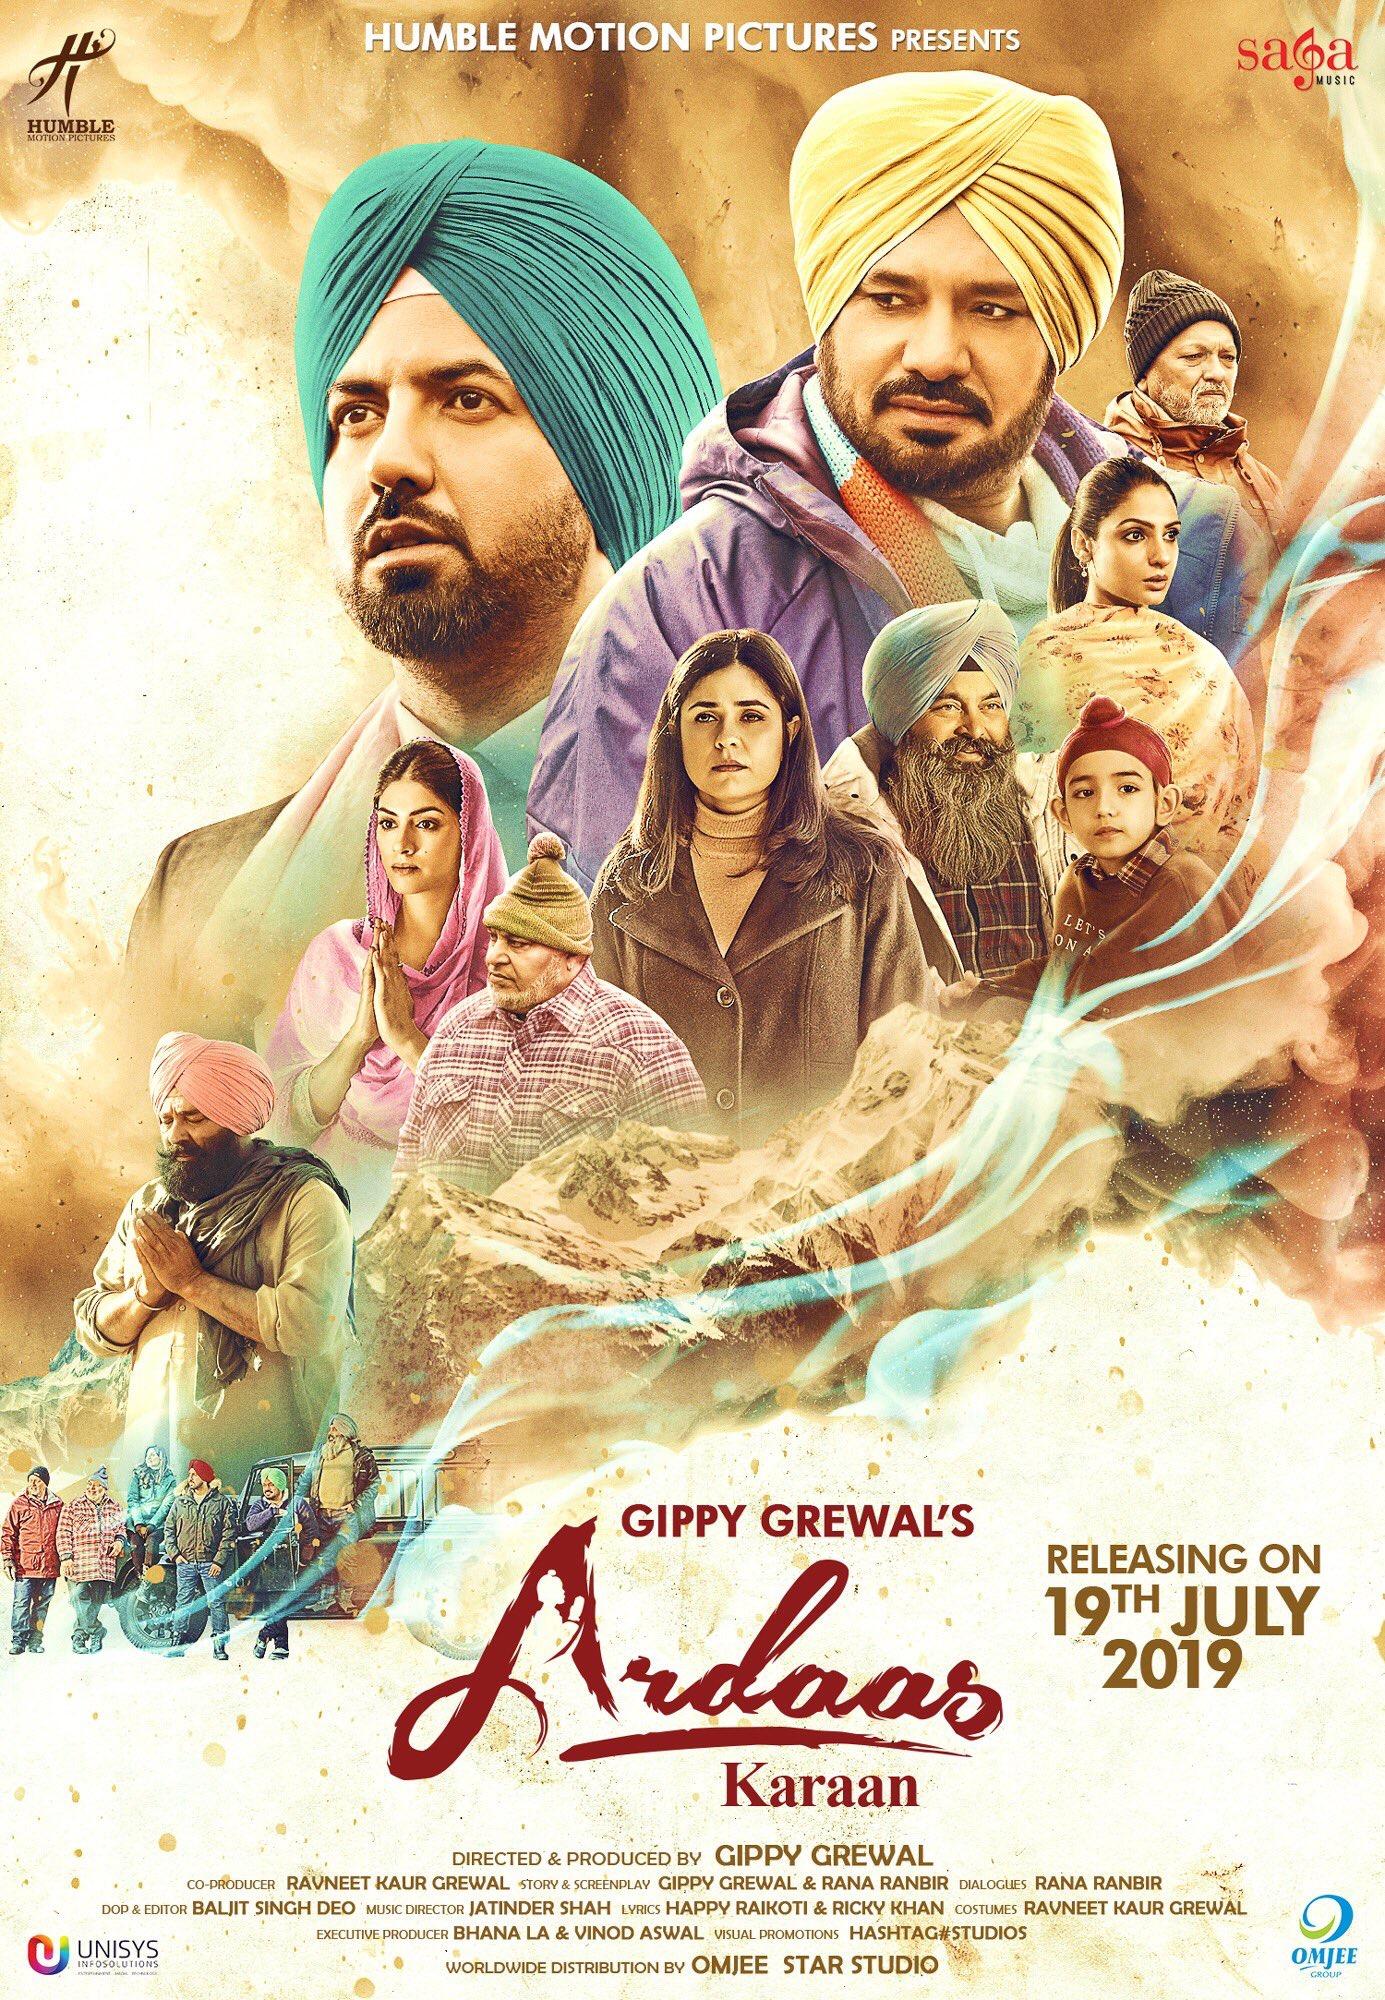 Movie poster of the movie Ardaas Karaan